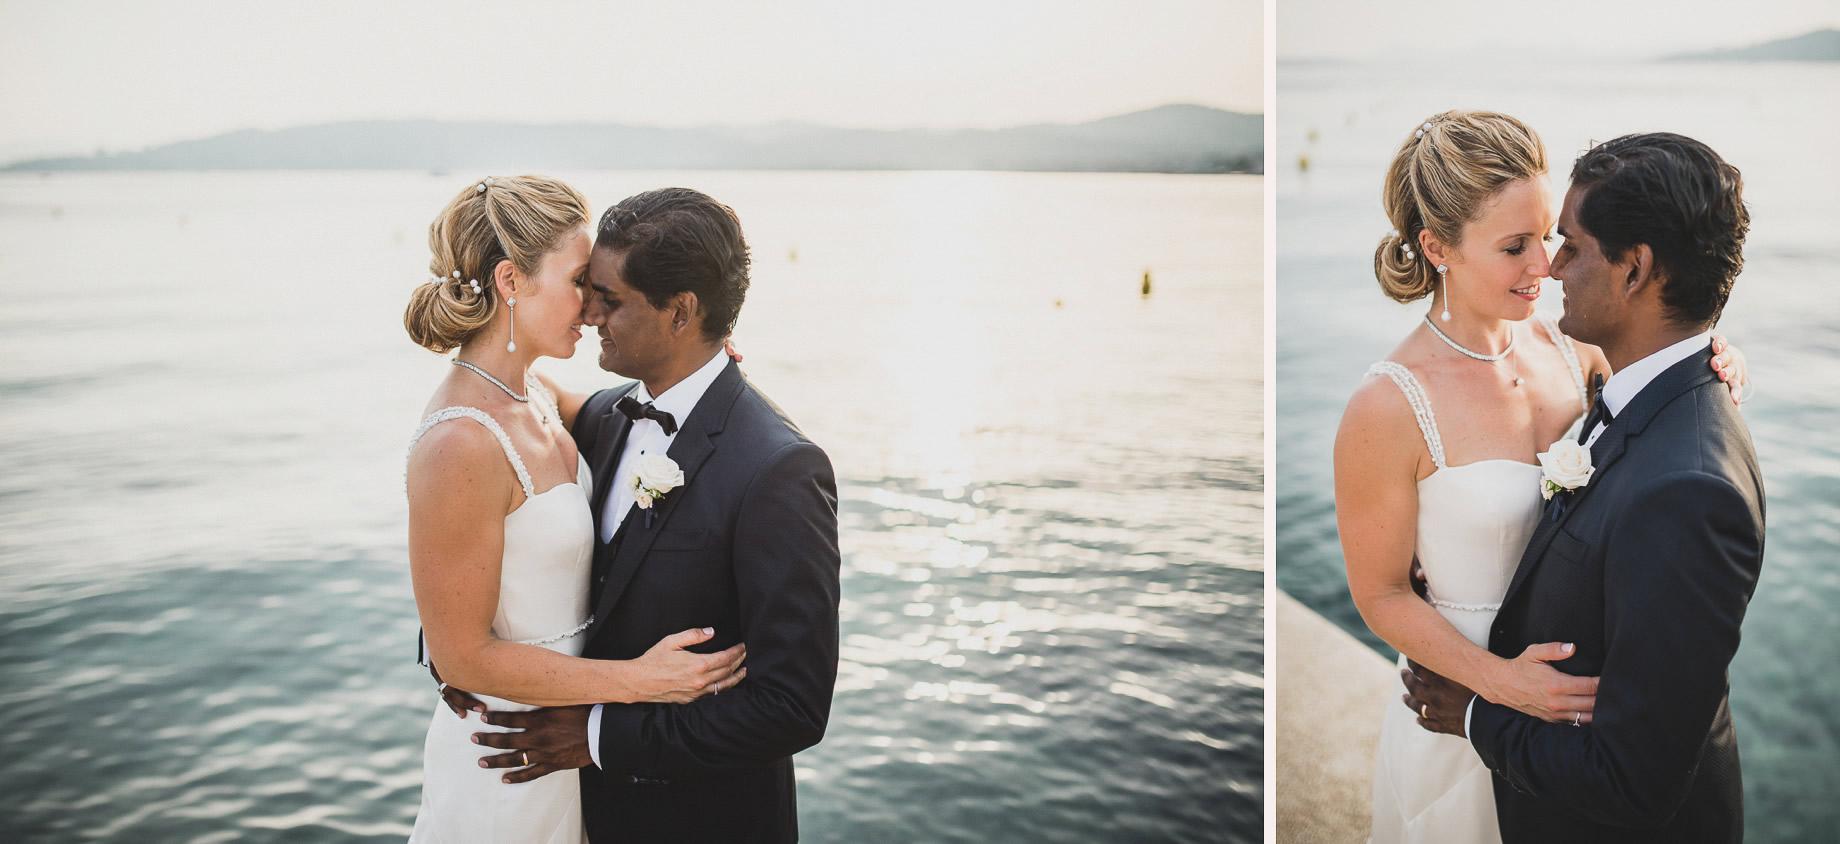 Jen and Priyan's Wedding at Hotel Belles Rives 132